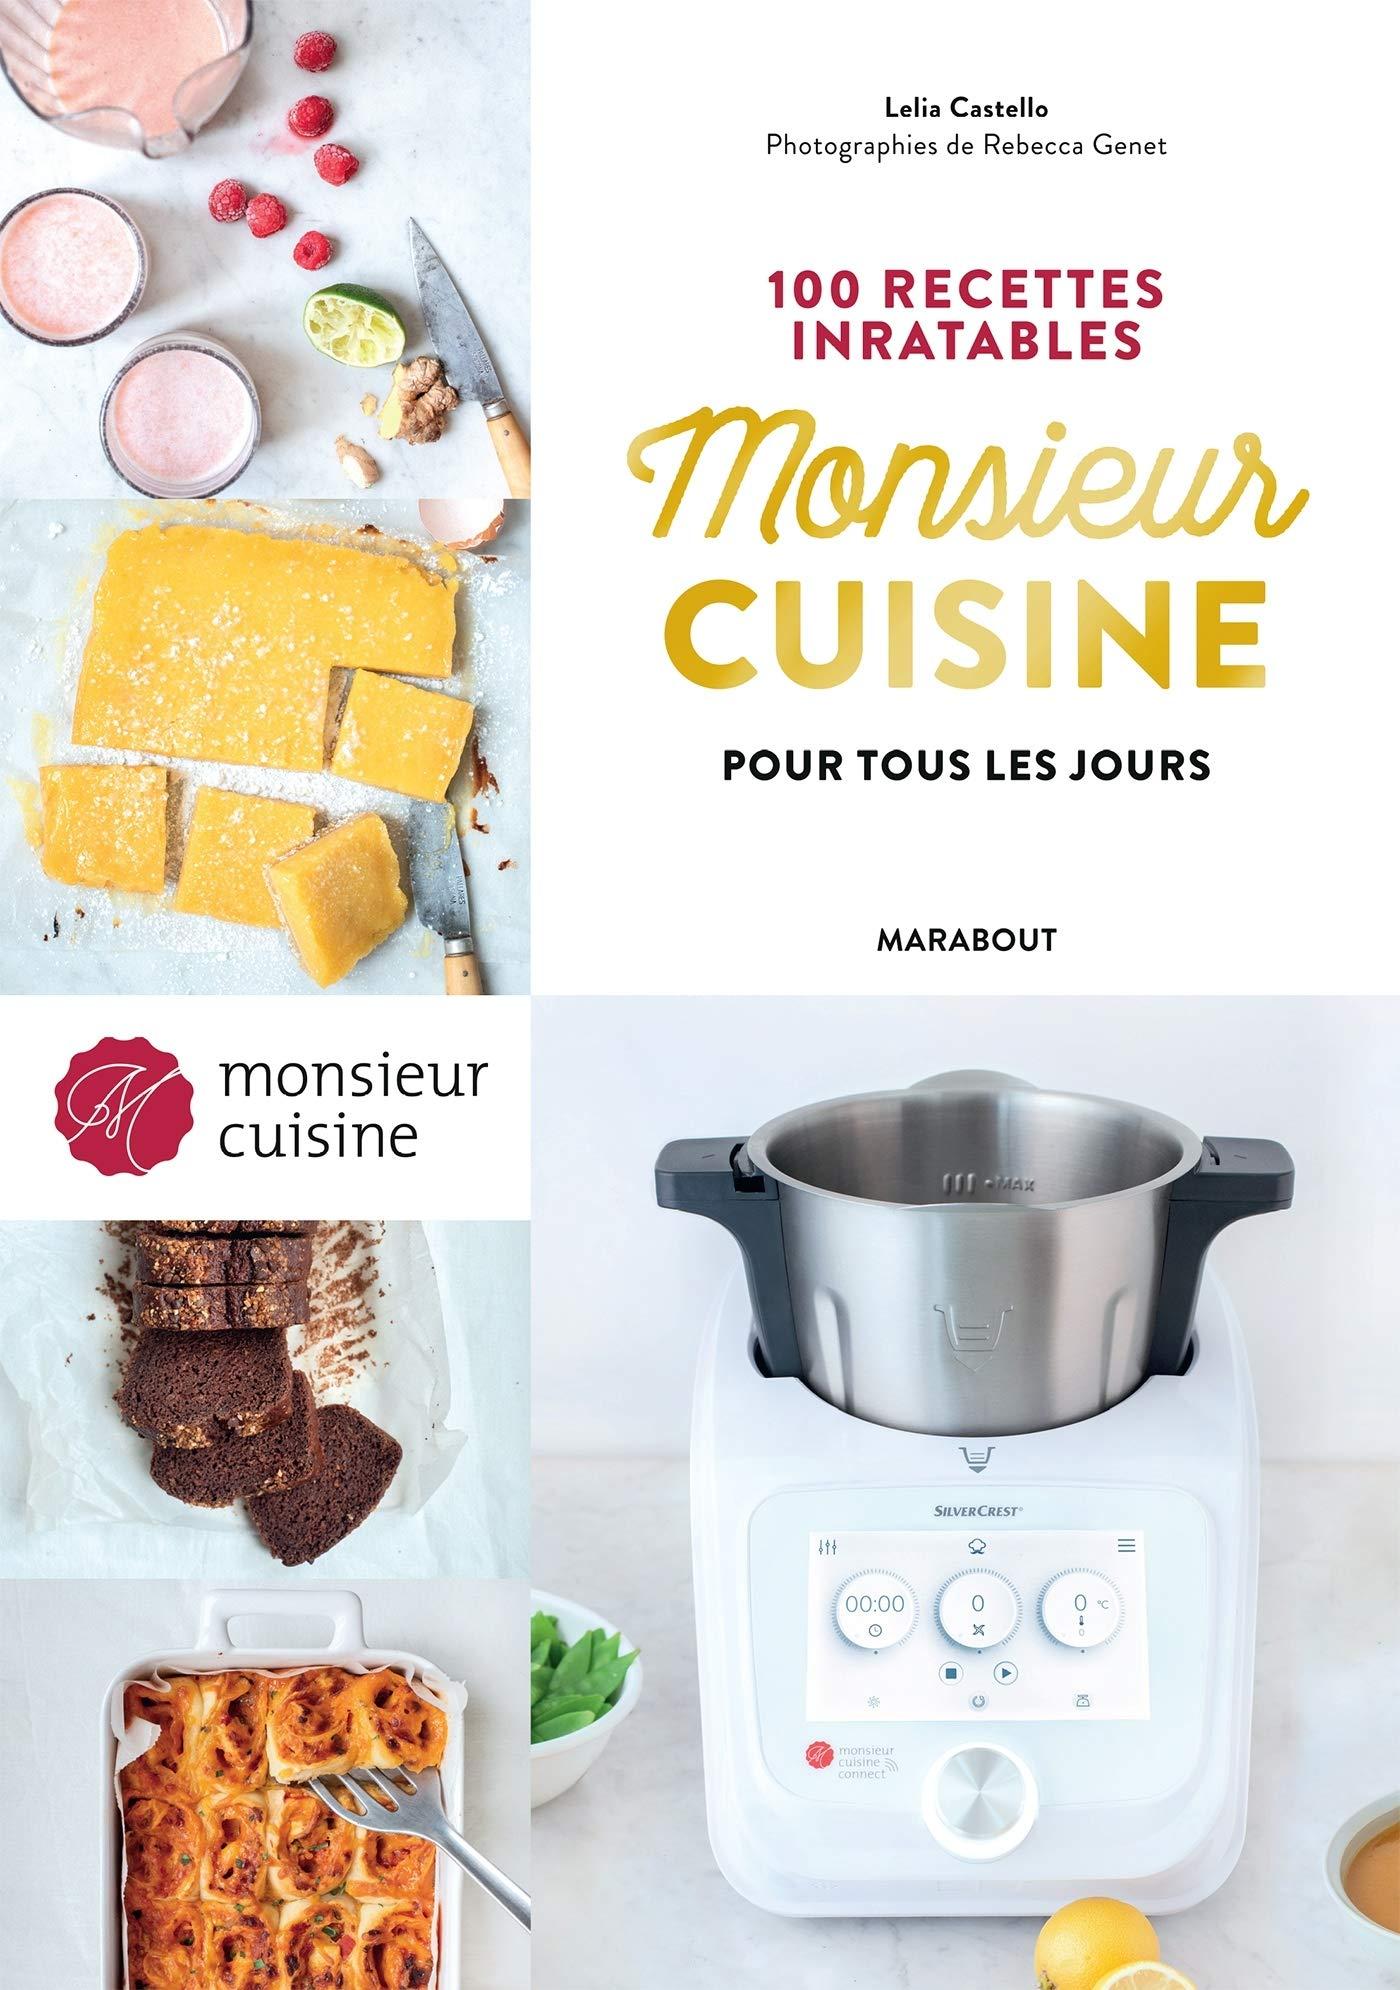 Monsieur Cuisine 100 Recettes Inratables Pour Tous Les Jours French Edition 9782501149884 Books